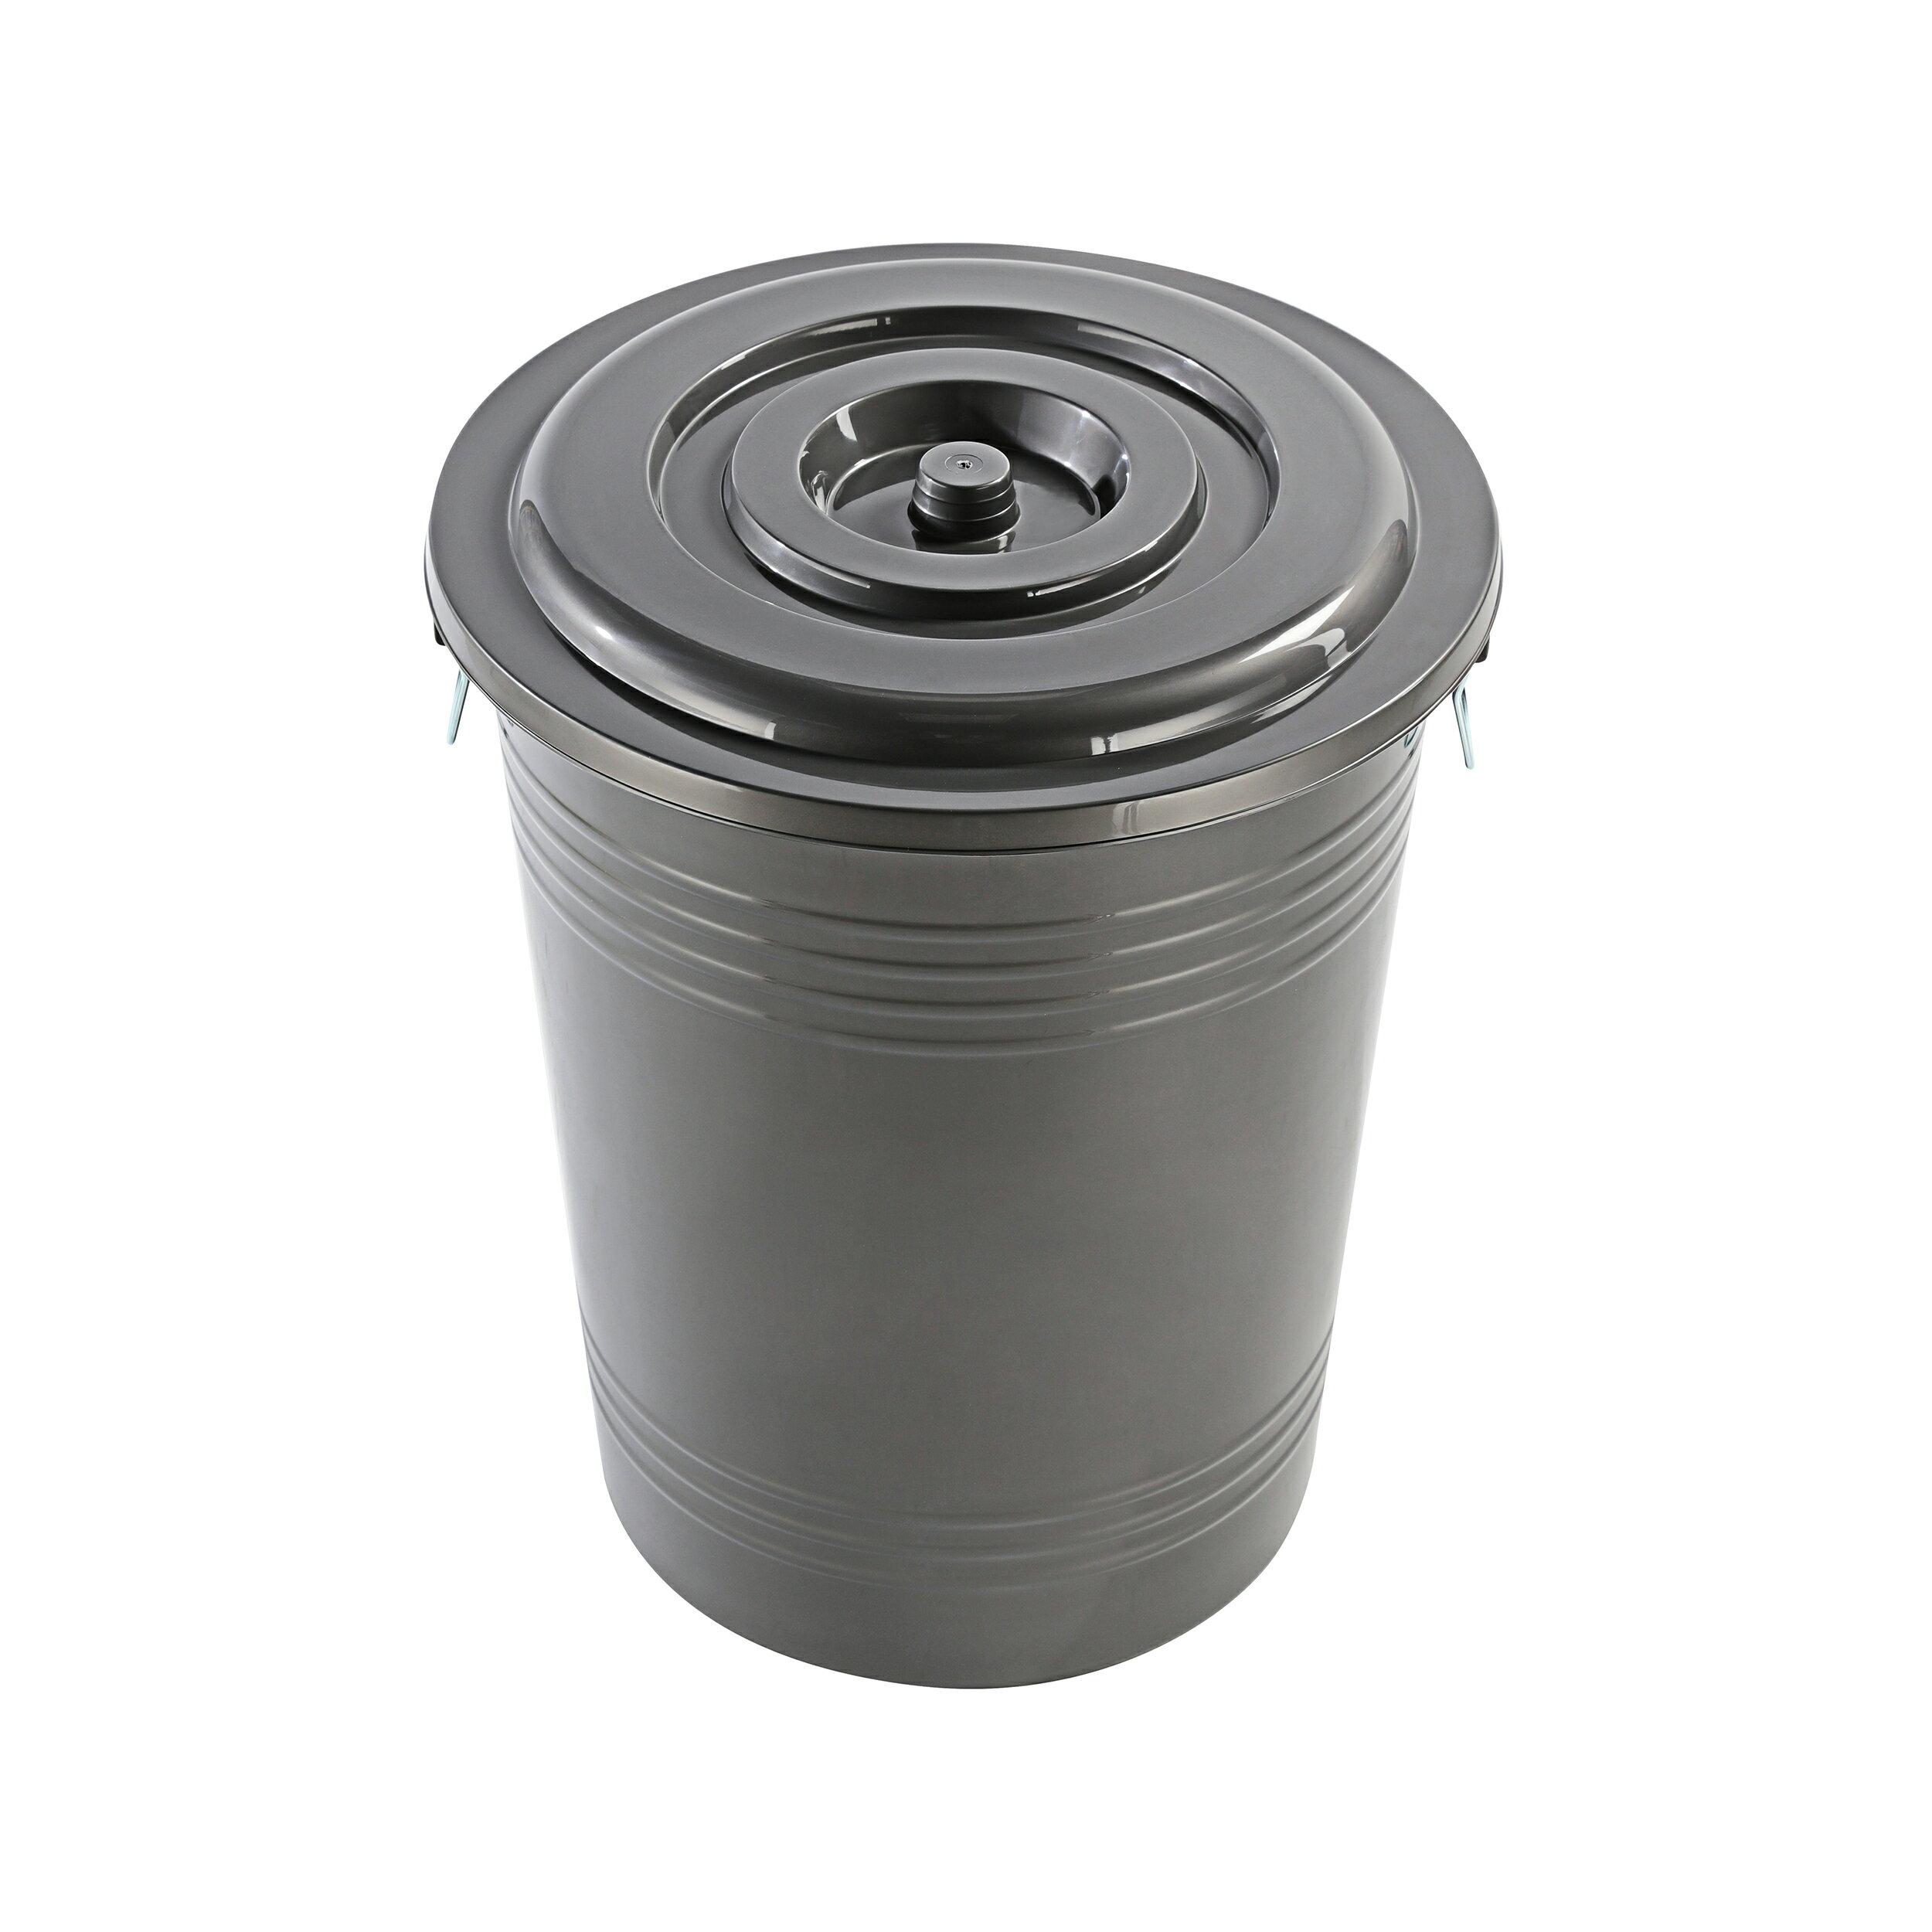 多功能萬用桶/MIT台灣製造 銀采86L萬能桶 CN-86 KEYWAY聯府